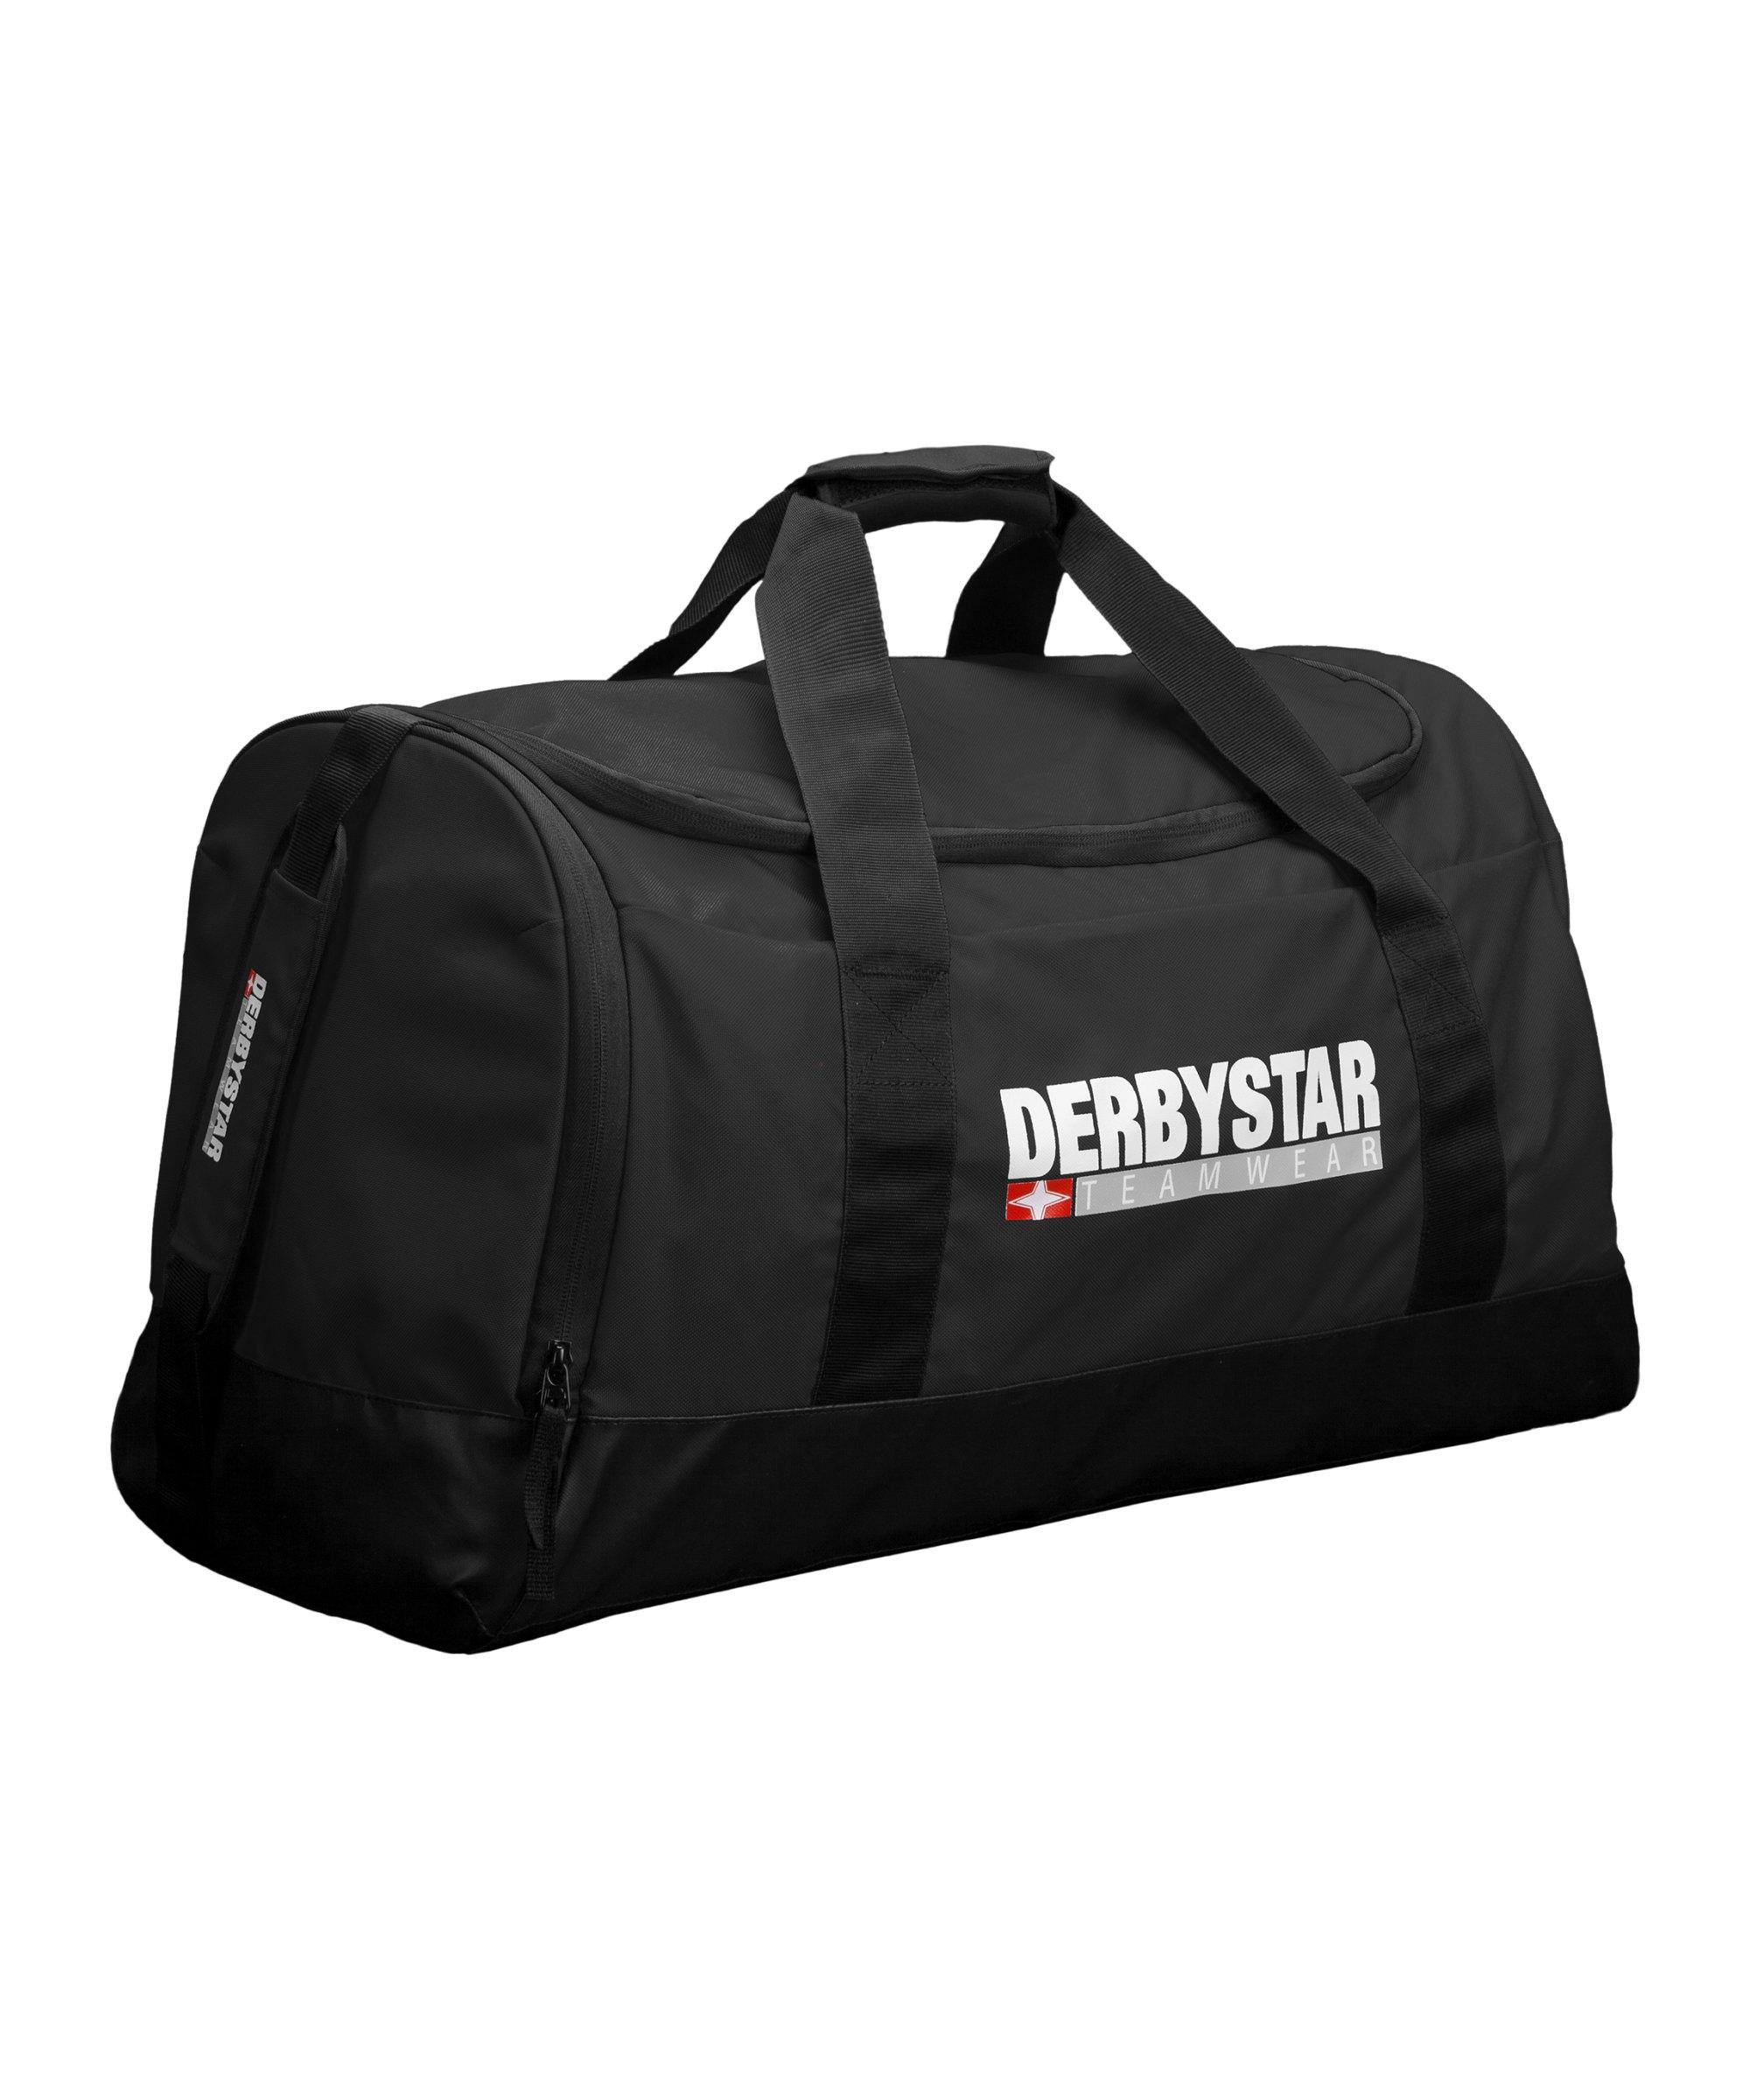 Derbystar Sporttasche Hyper Gr. S Schwarz F200 - schwarz